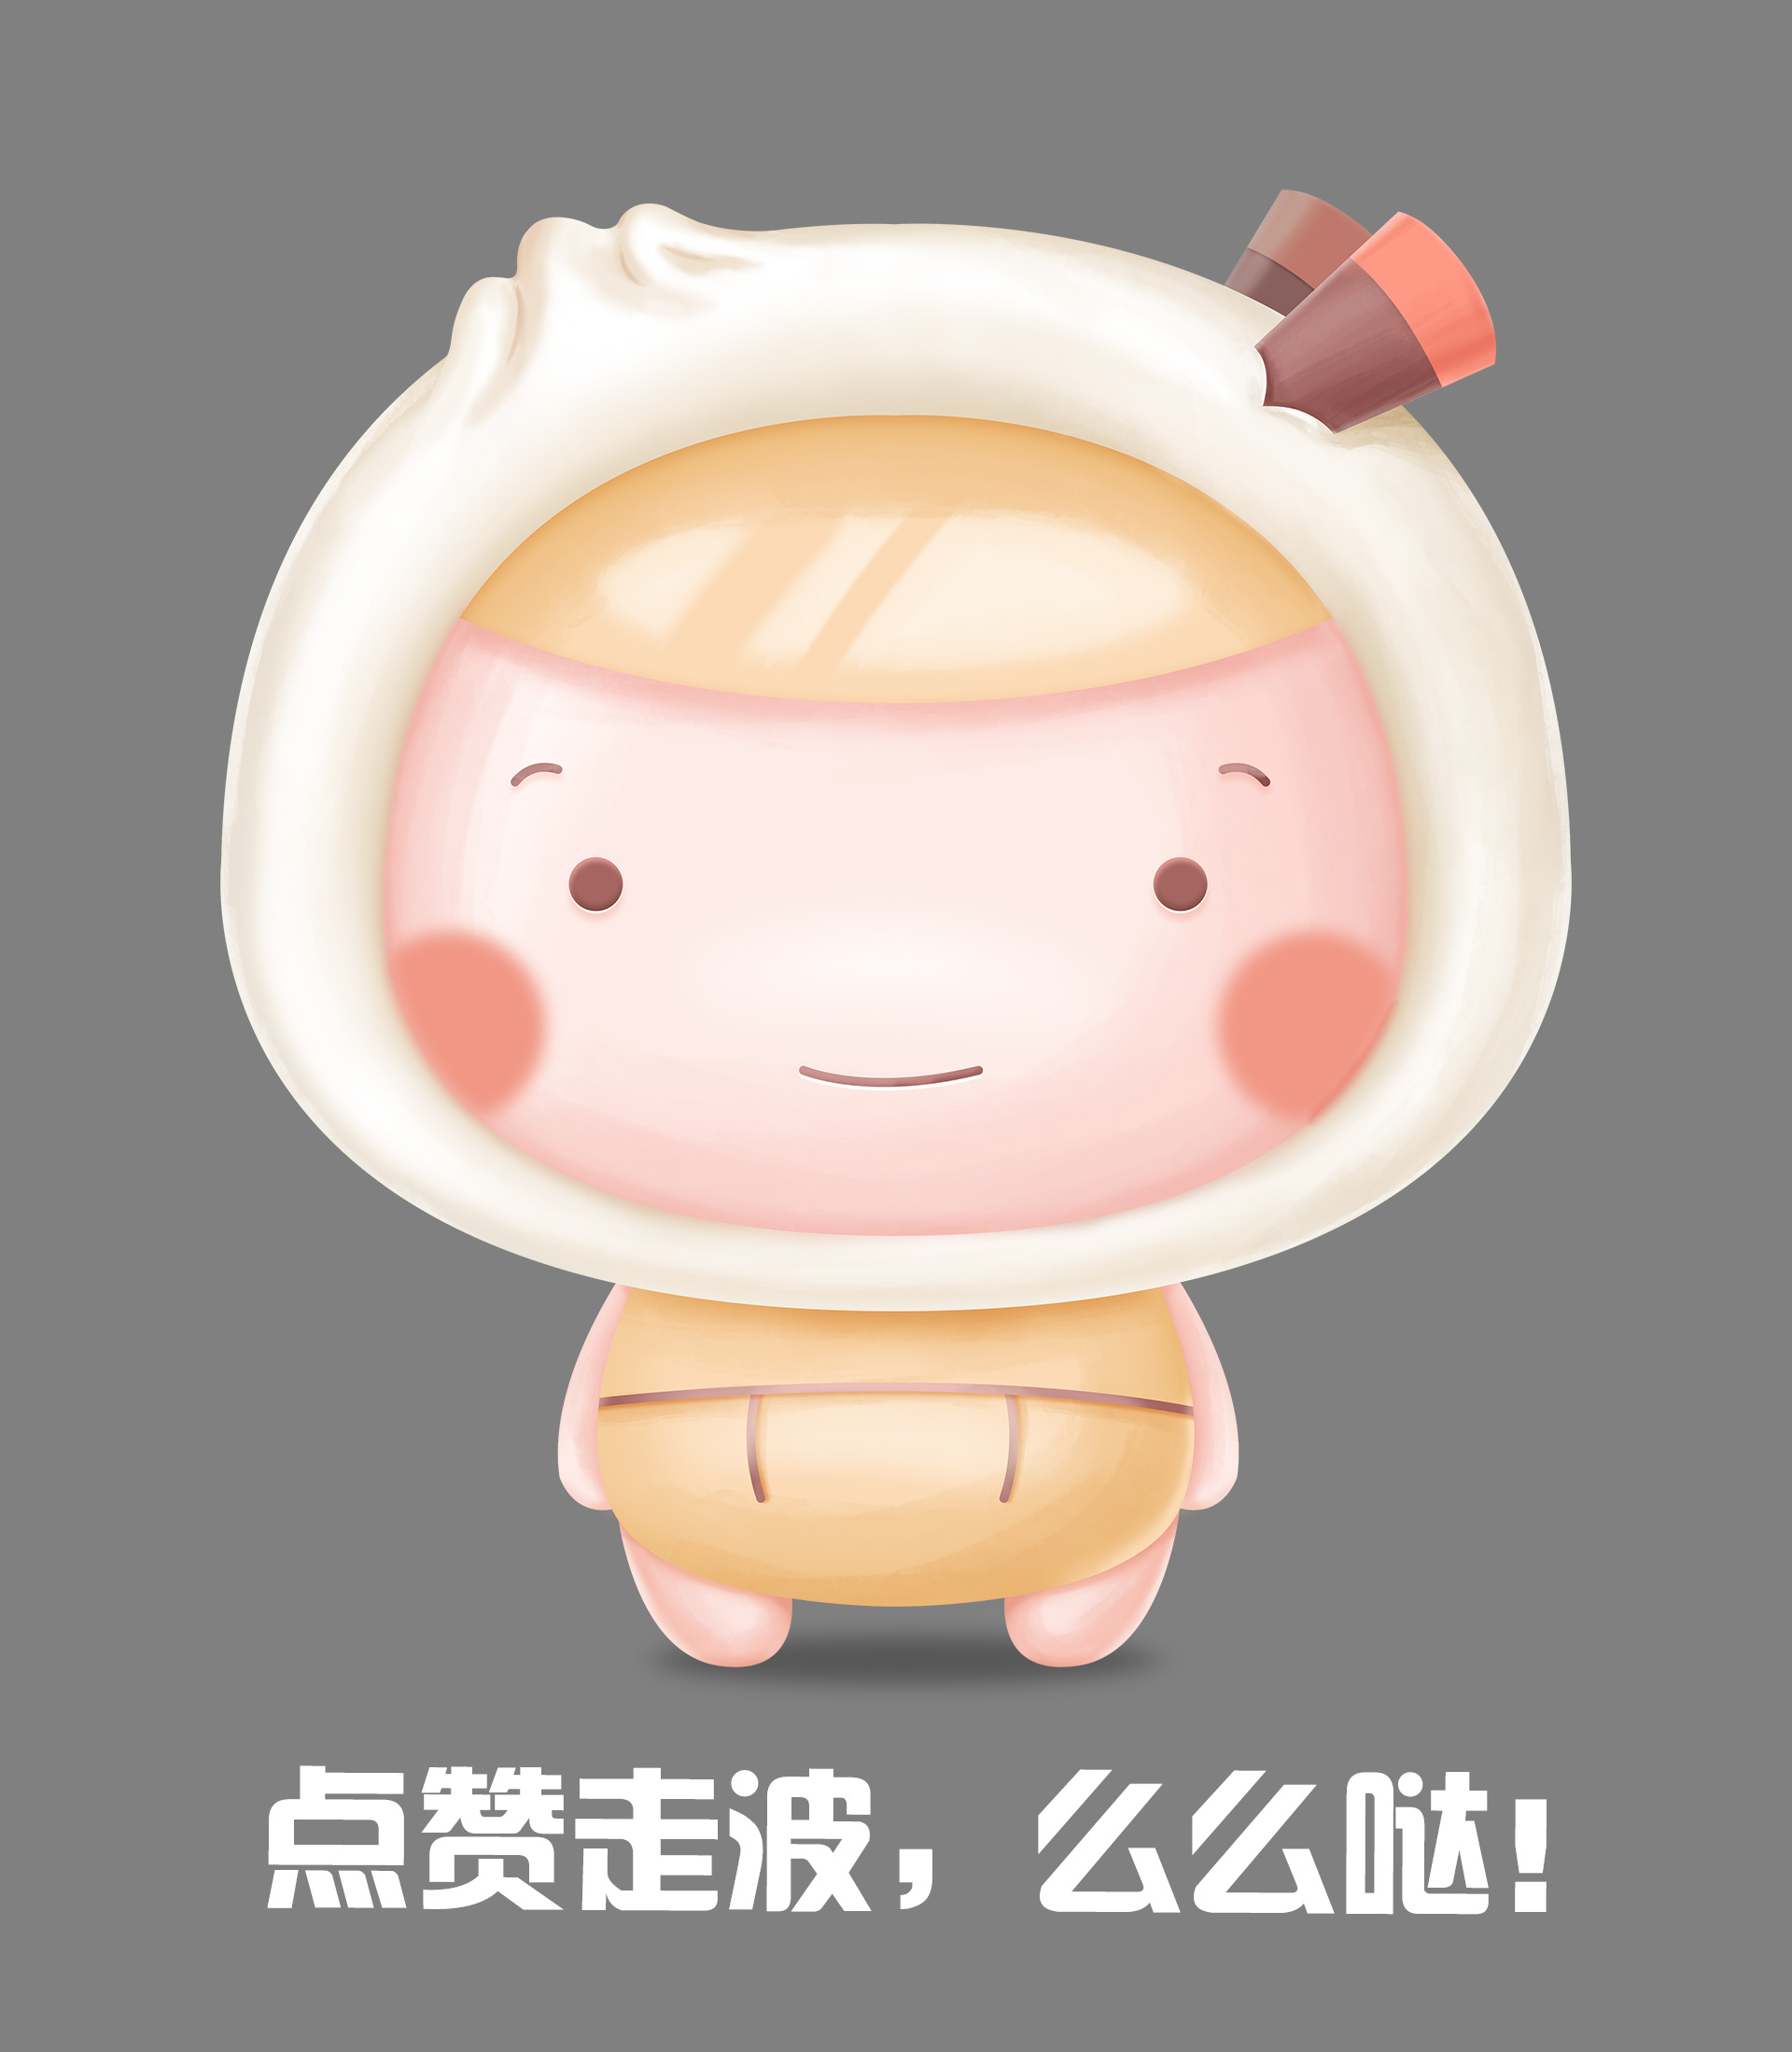 荣耀王者q版t恤-李白凤求凰